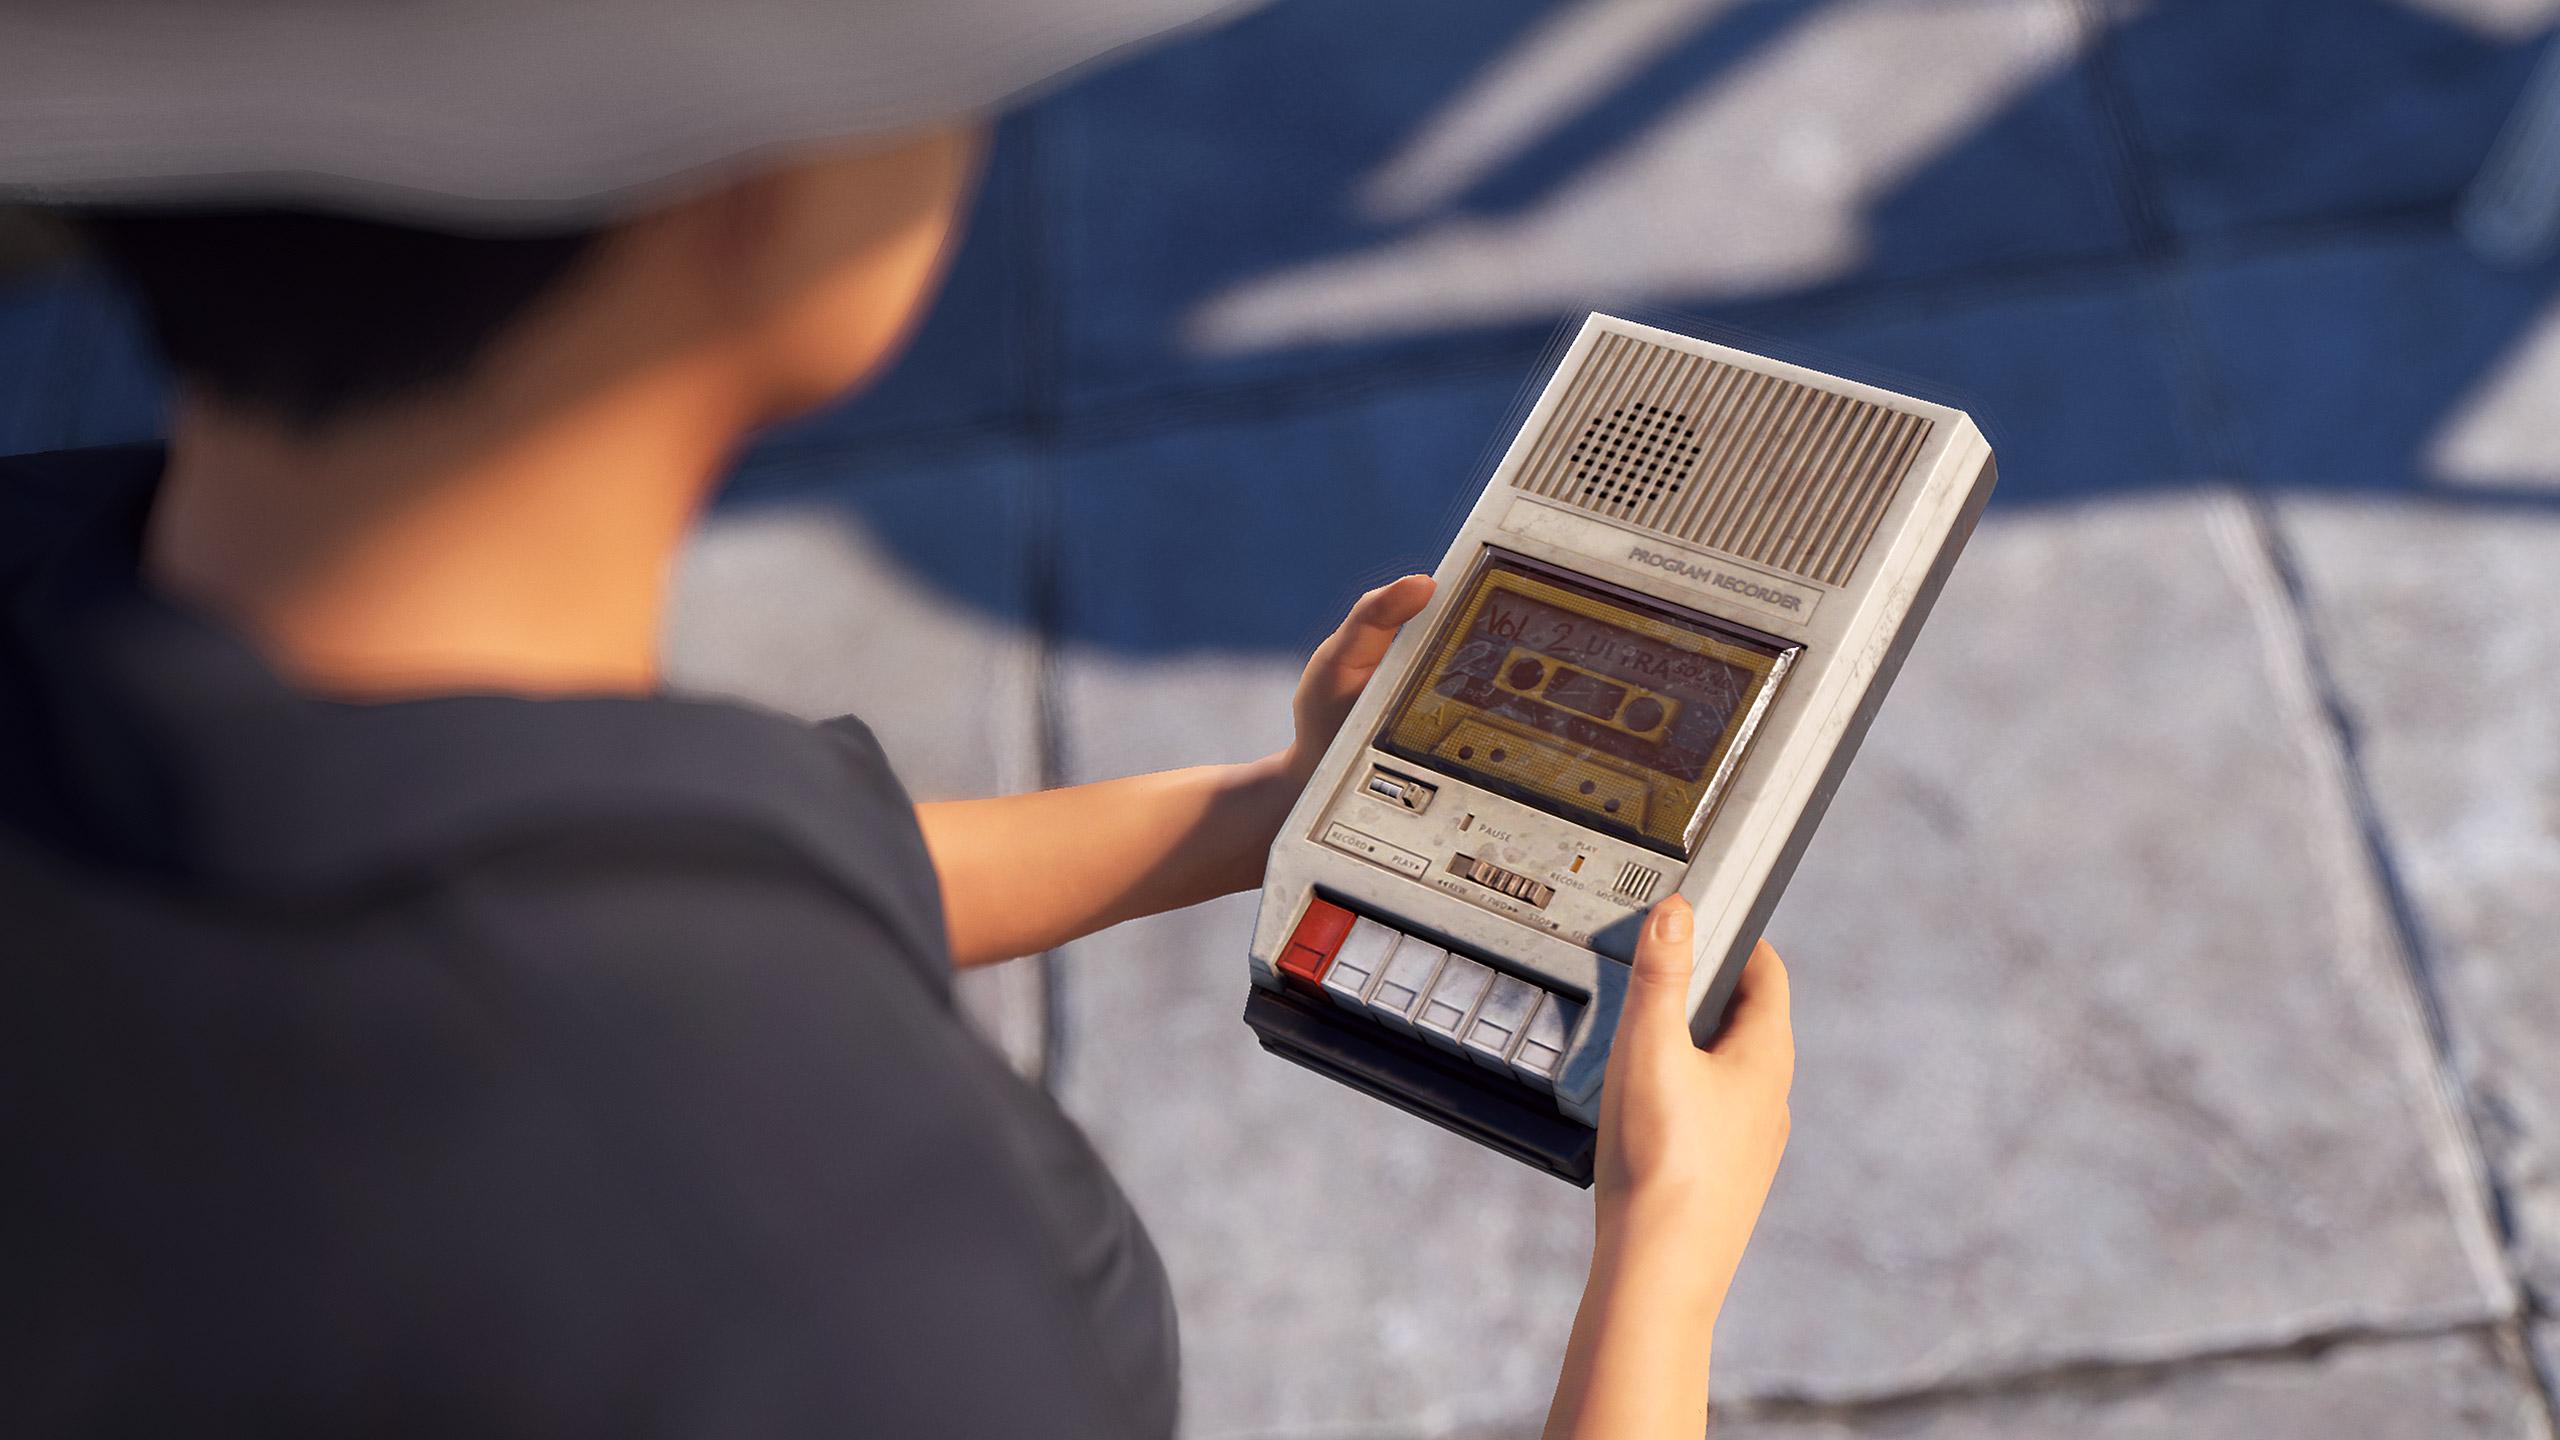 cassette_recorder1.jpg